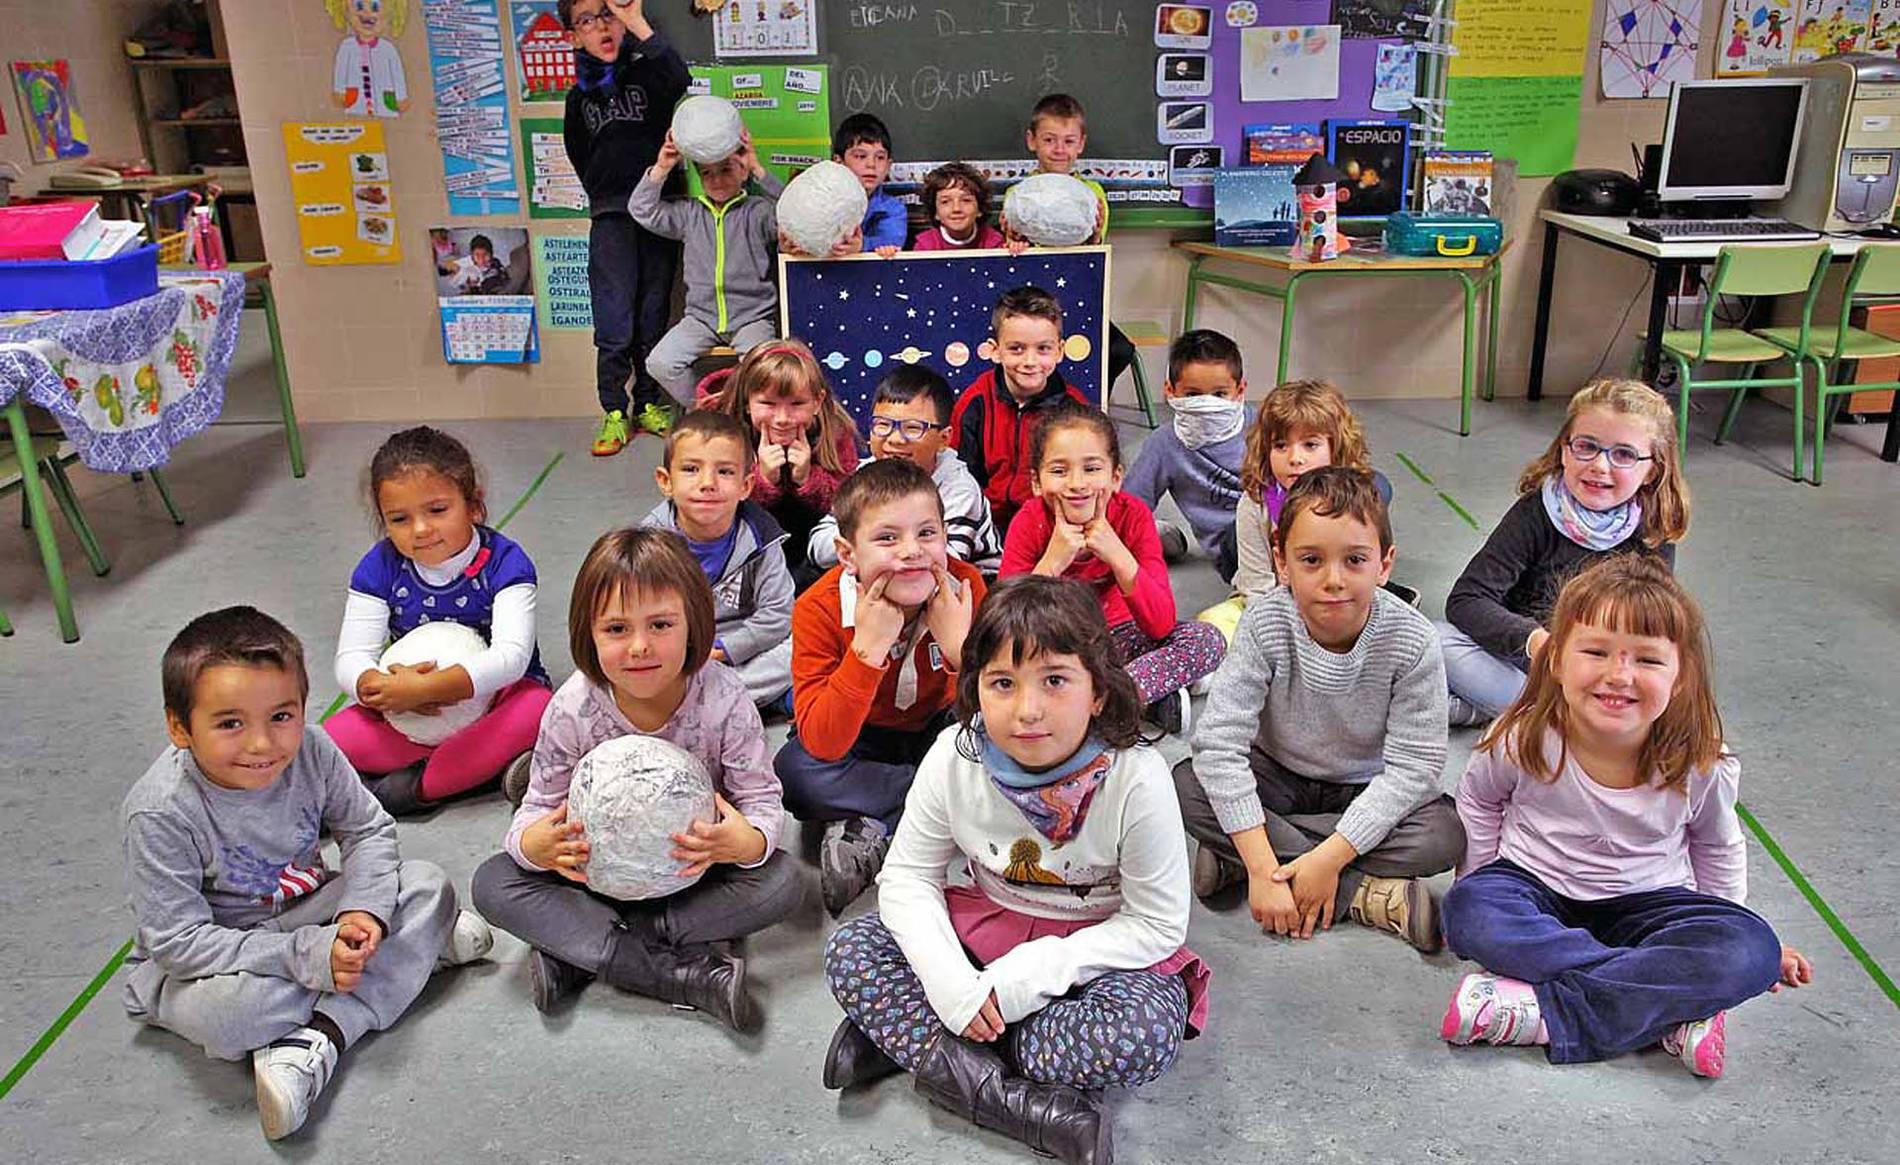 Colegio San Miguel (1/9) - Escolares del colegio San Miguel de Noáin - Navarra -